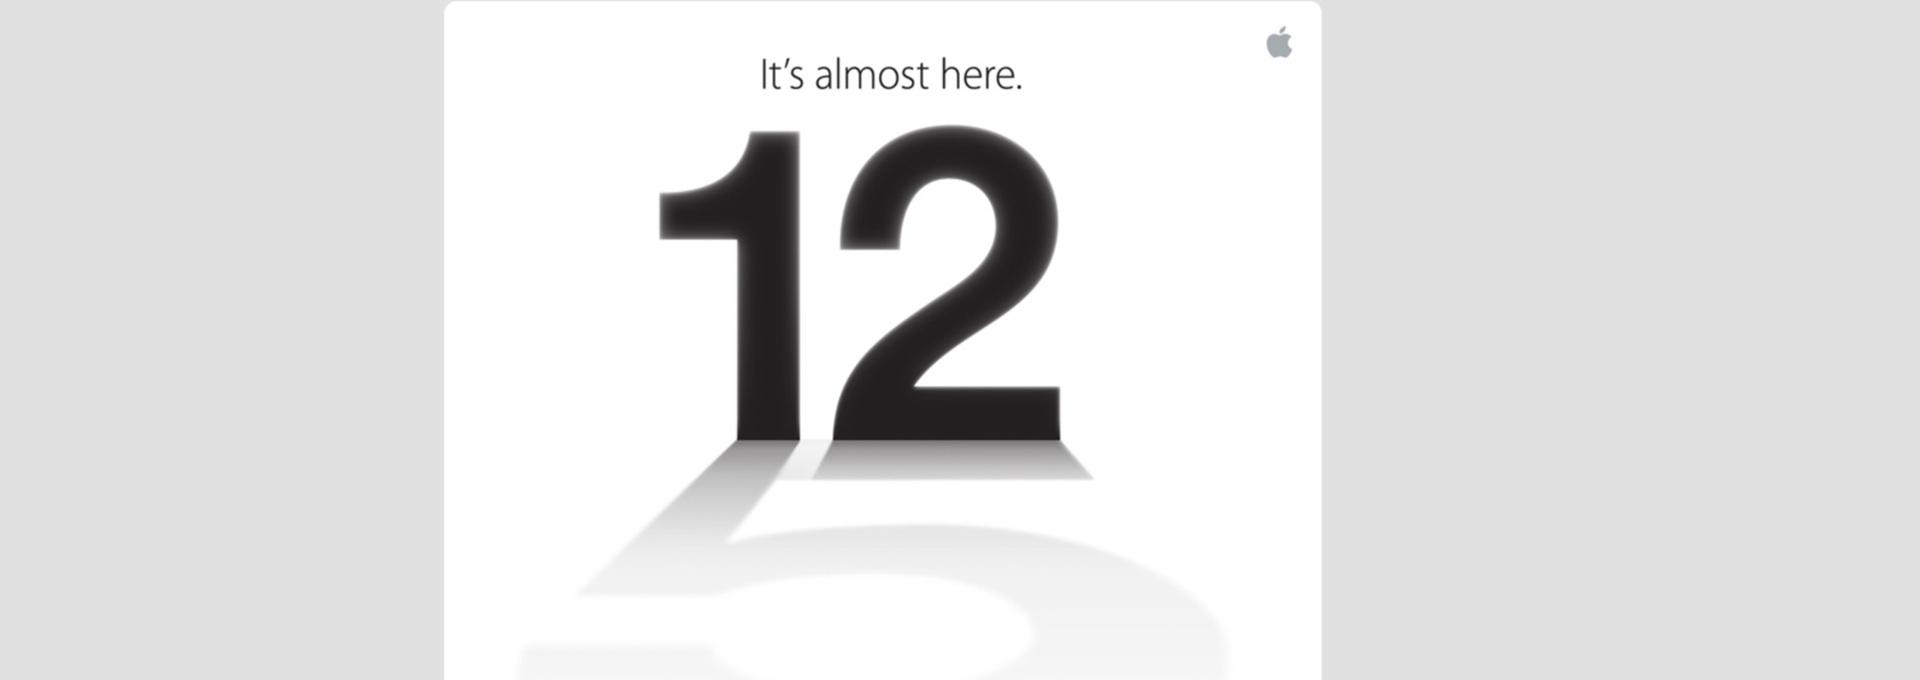 Apple annonce un événement le 12 septembre: iPhone 5 en vue !